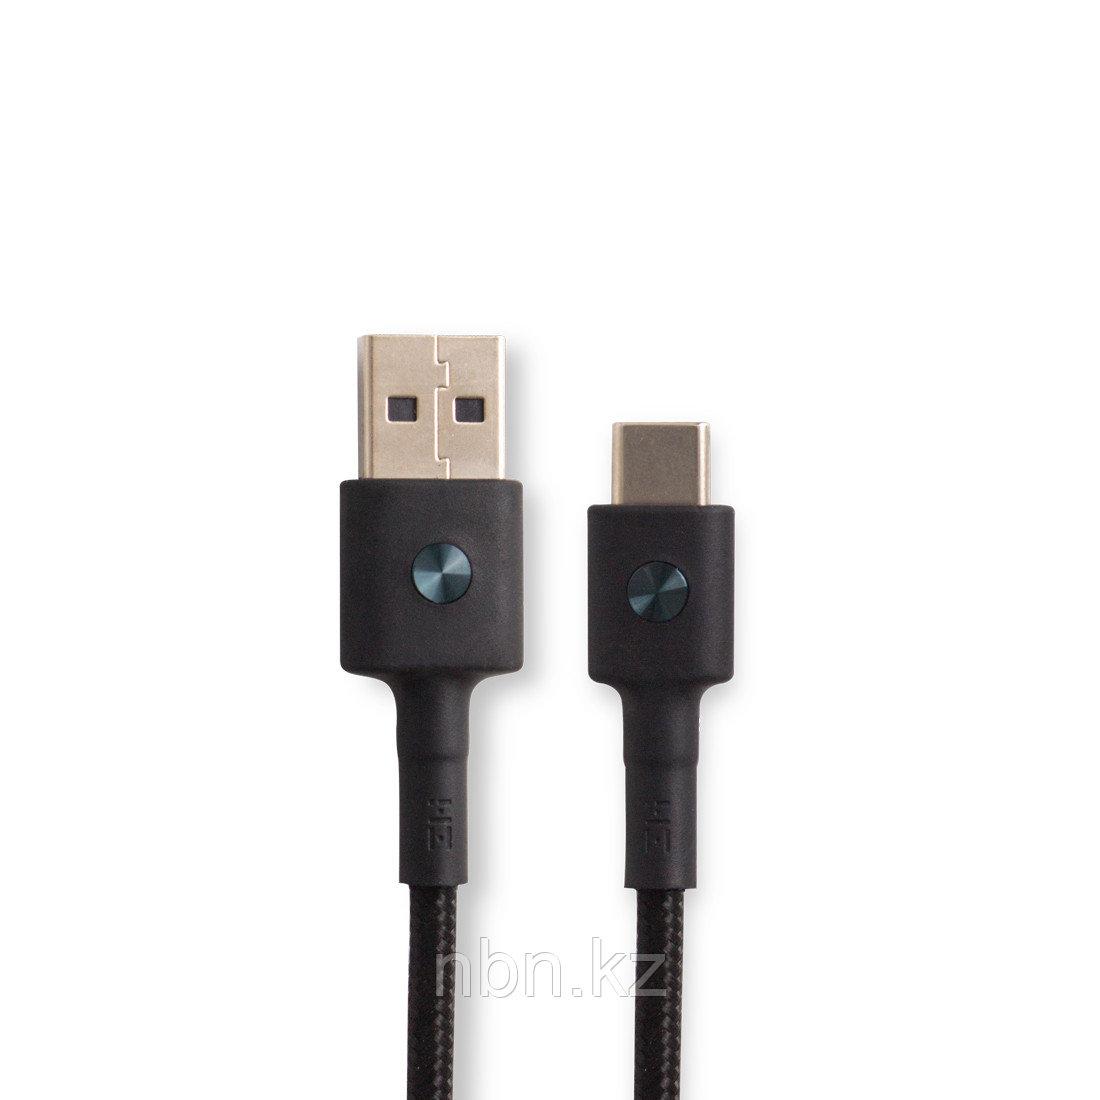 Интерфейсный кабель Xiaomi ZMI AL431 200cm Type-C Черный